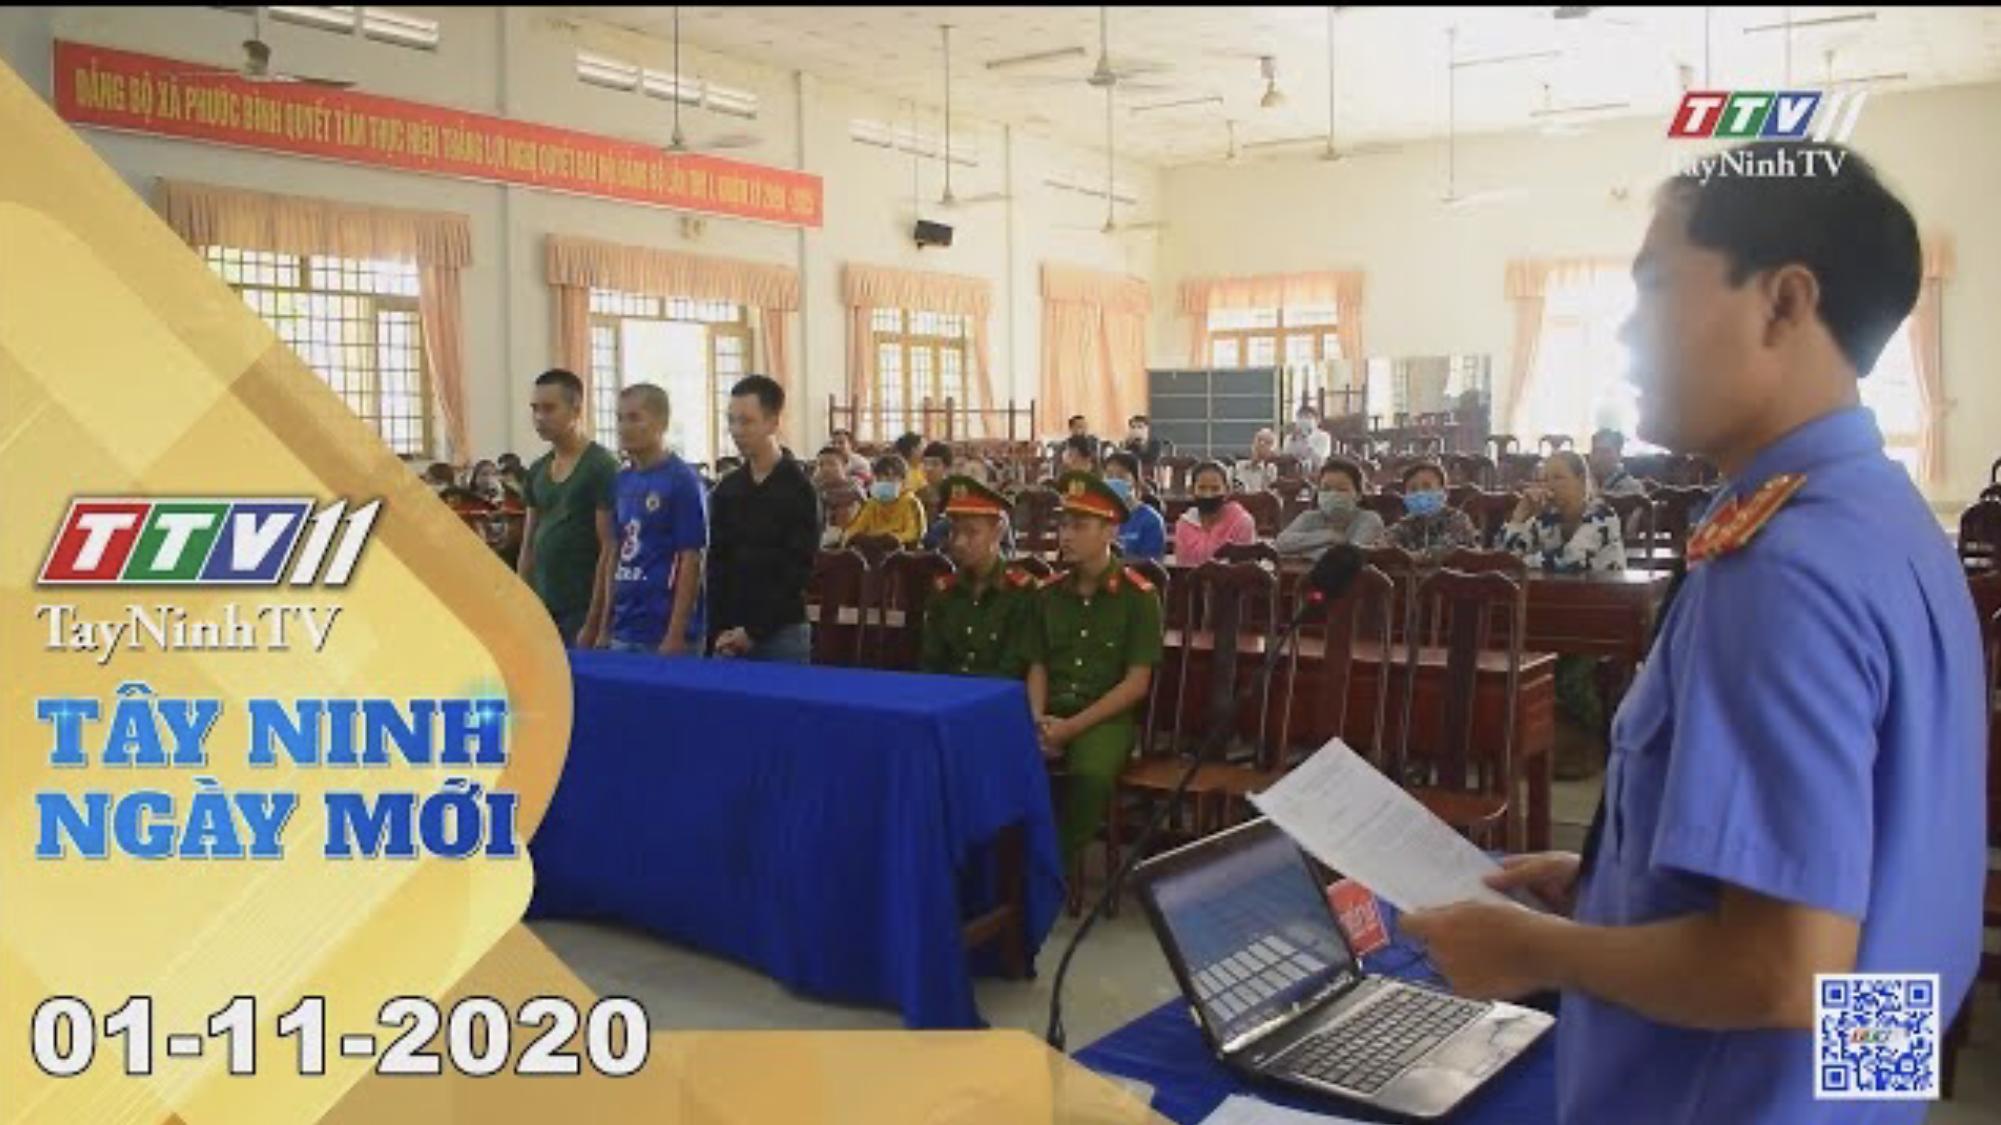 Tây Ninh Ngày Mới 01-11-2020 | Tin tức hôm nay | TayNinhTV